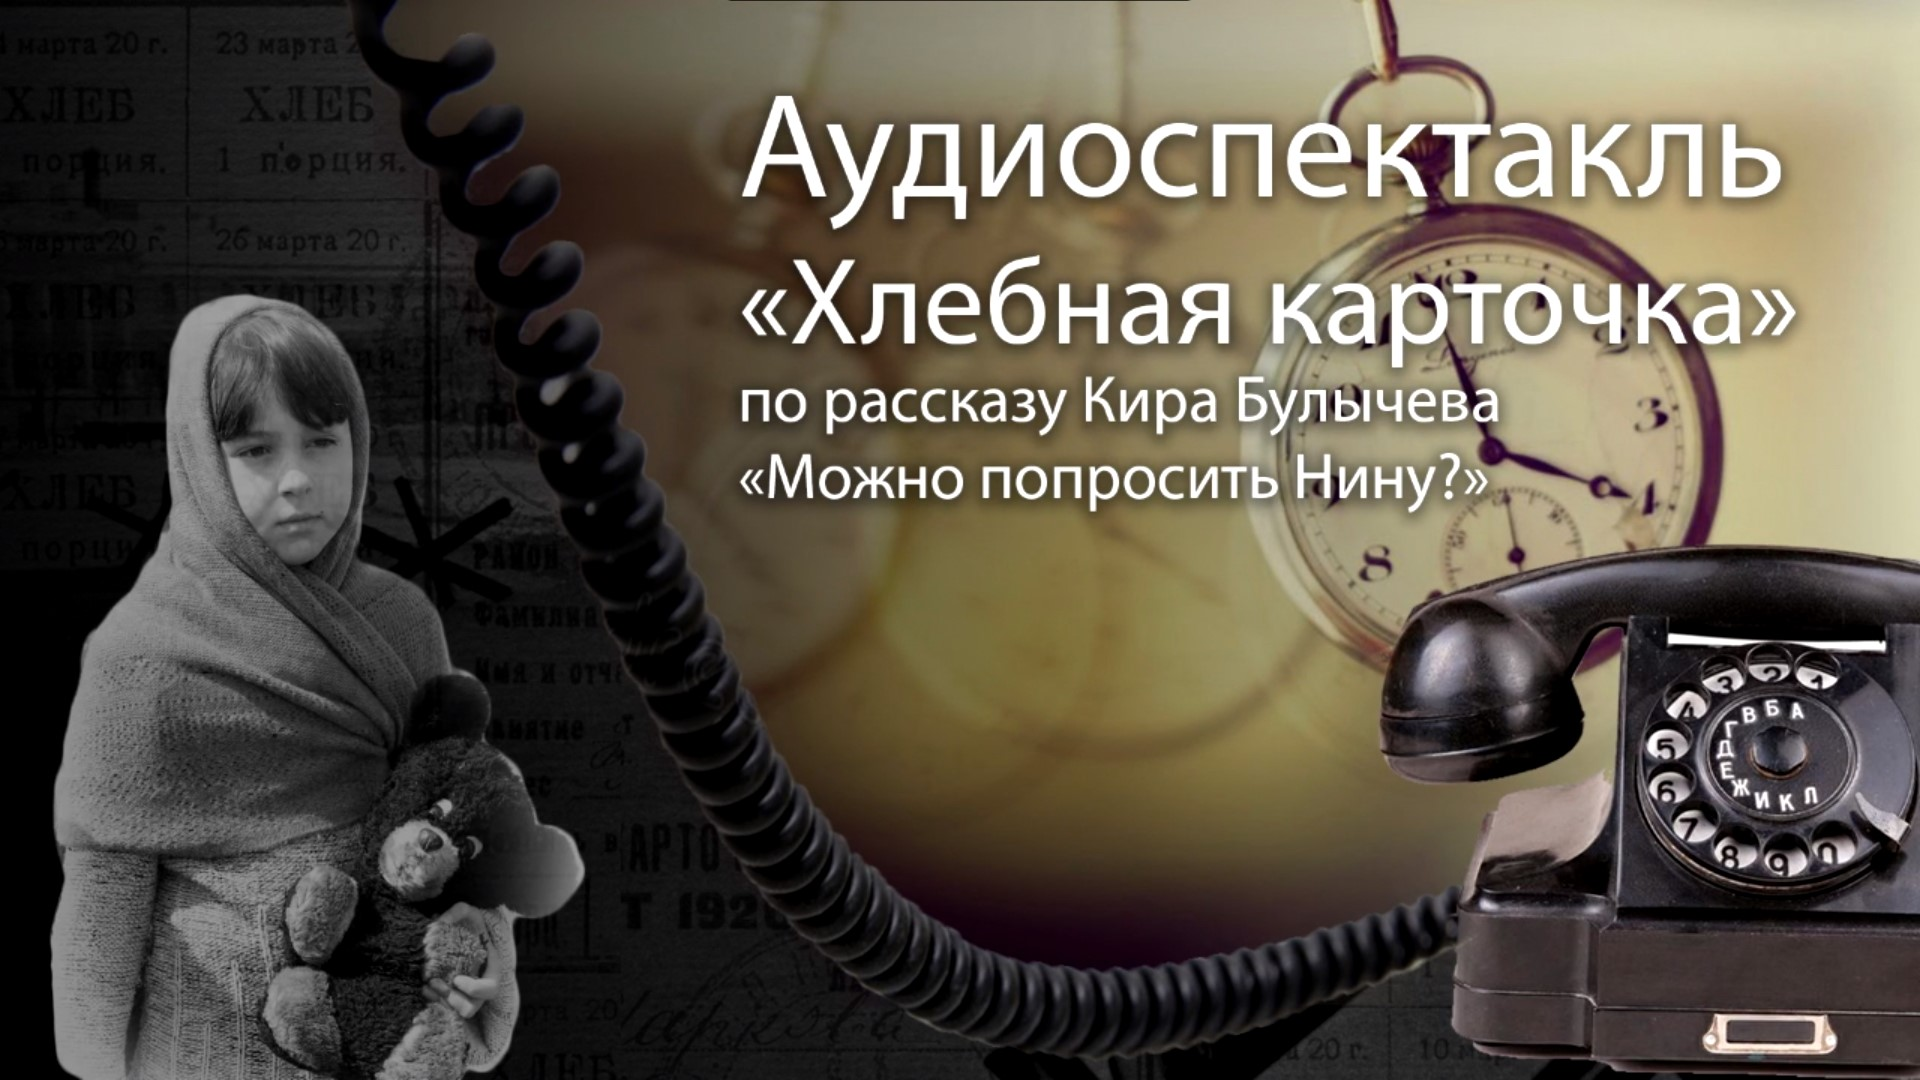 Саровский театральный коллектив выпустил аудиоспектакль «Хлебная карточка»